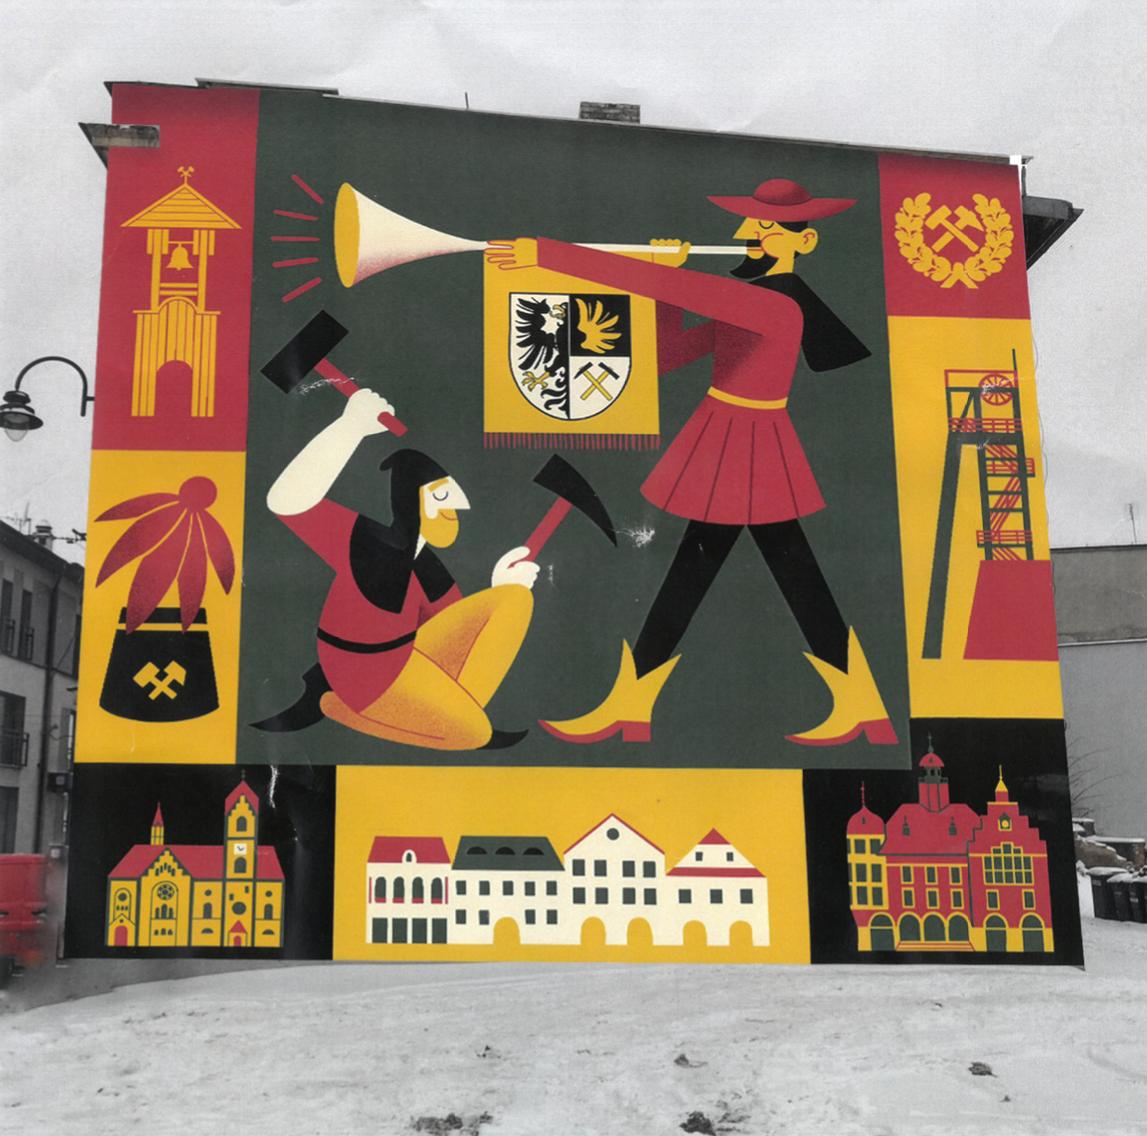 Mural na ścianie budynku. Herb, gwarek, podcienia, szyb kopalni, dzwonnica, czapka górnicza, ratusz, kościół ewangelicki - wszystko w tonacji czarnej, szarej, żółtej i czerwonej.